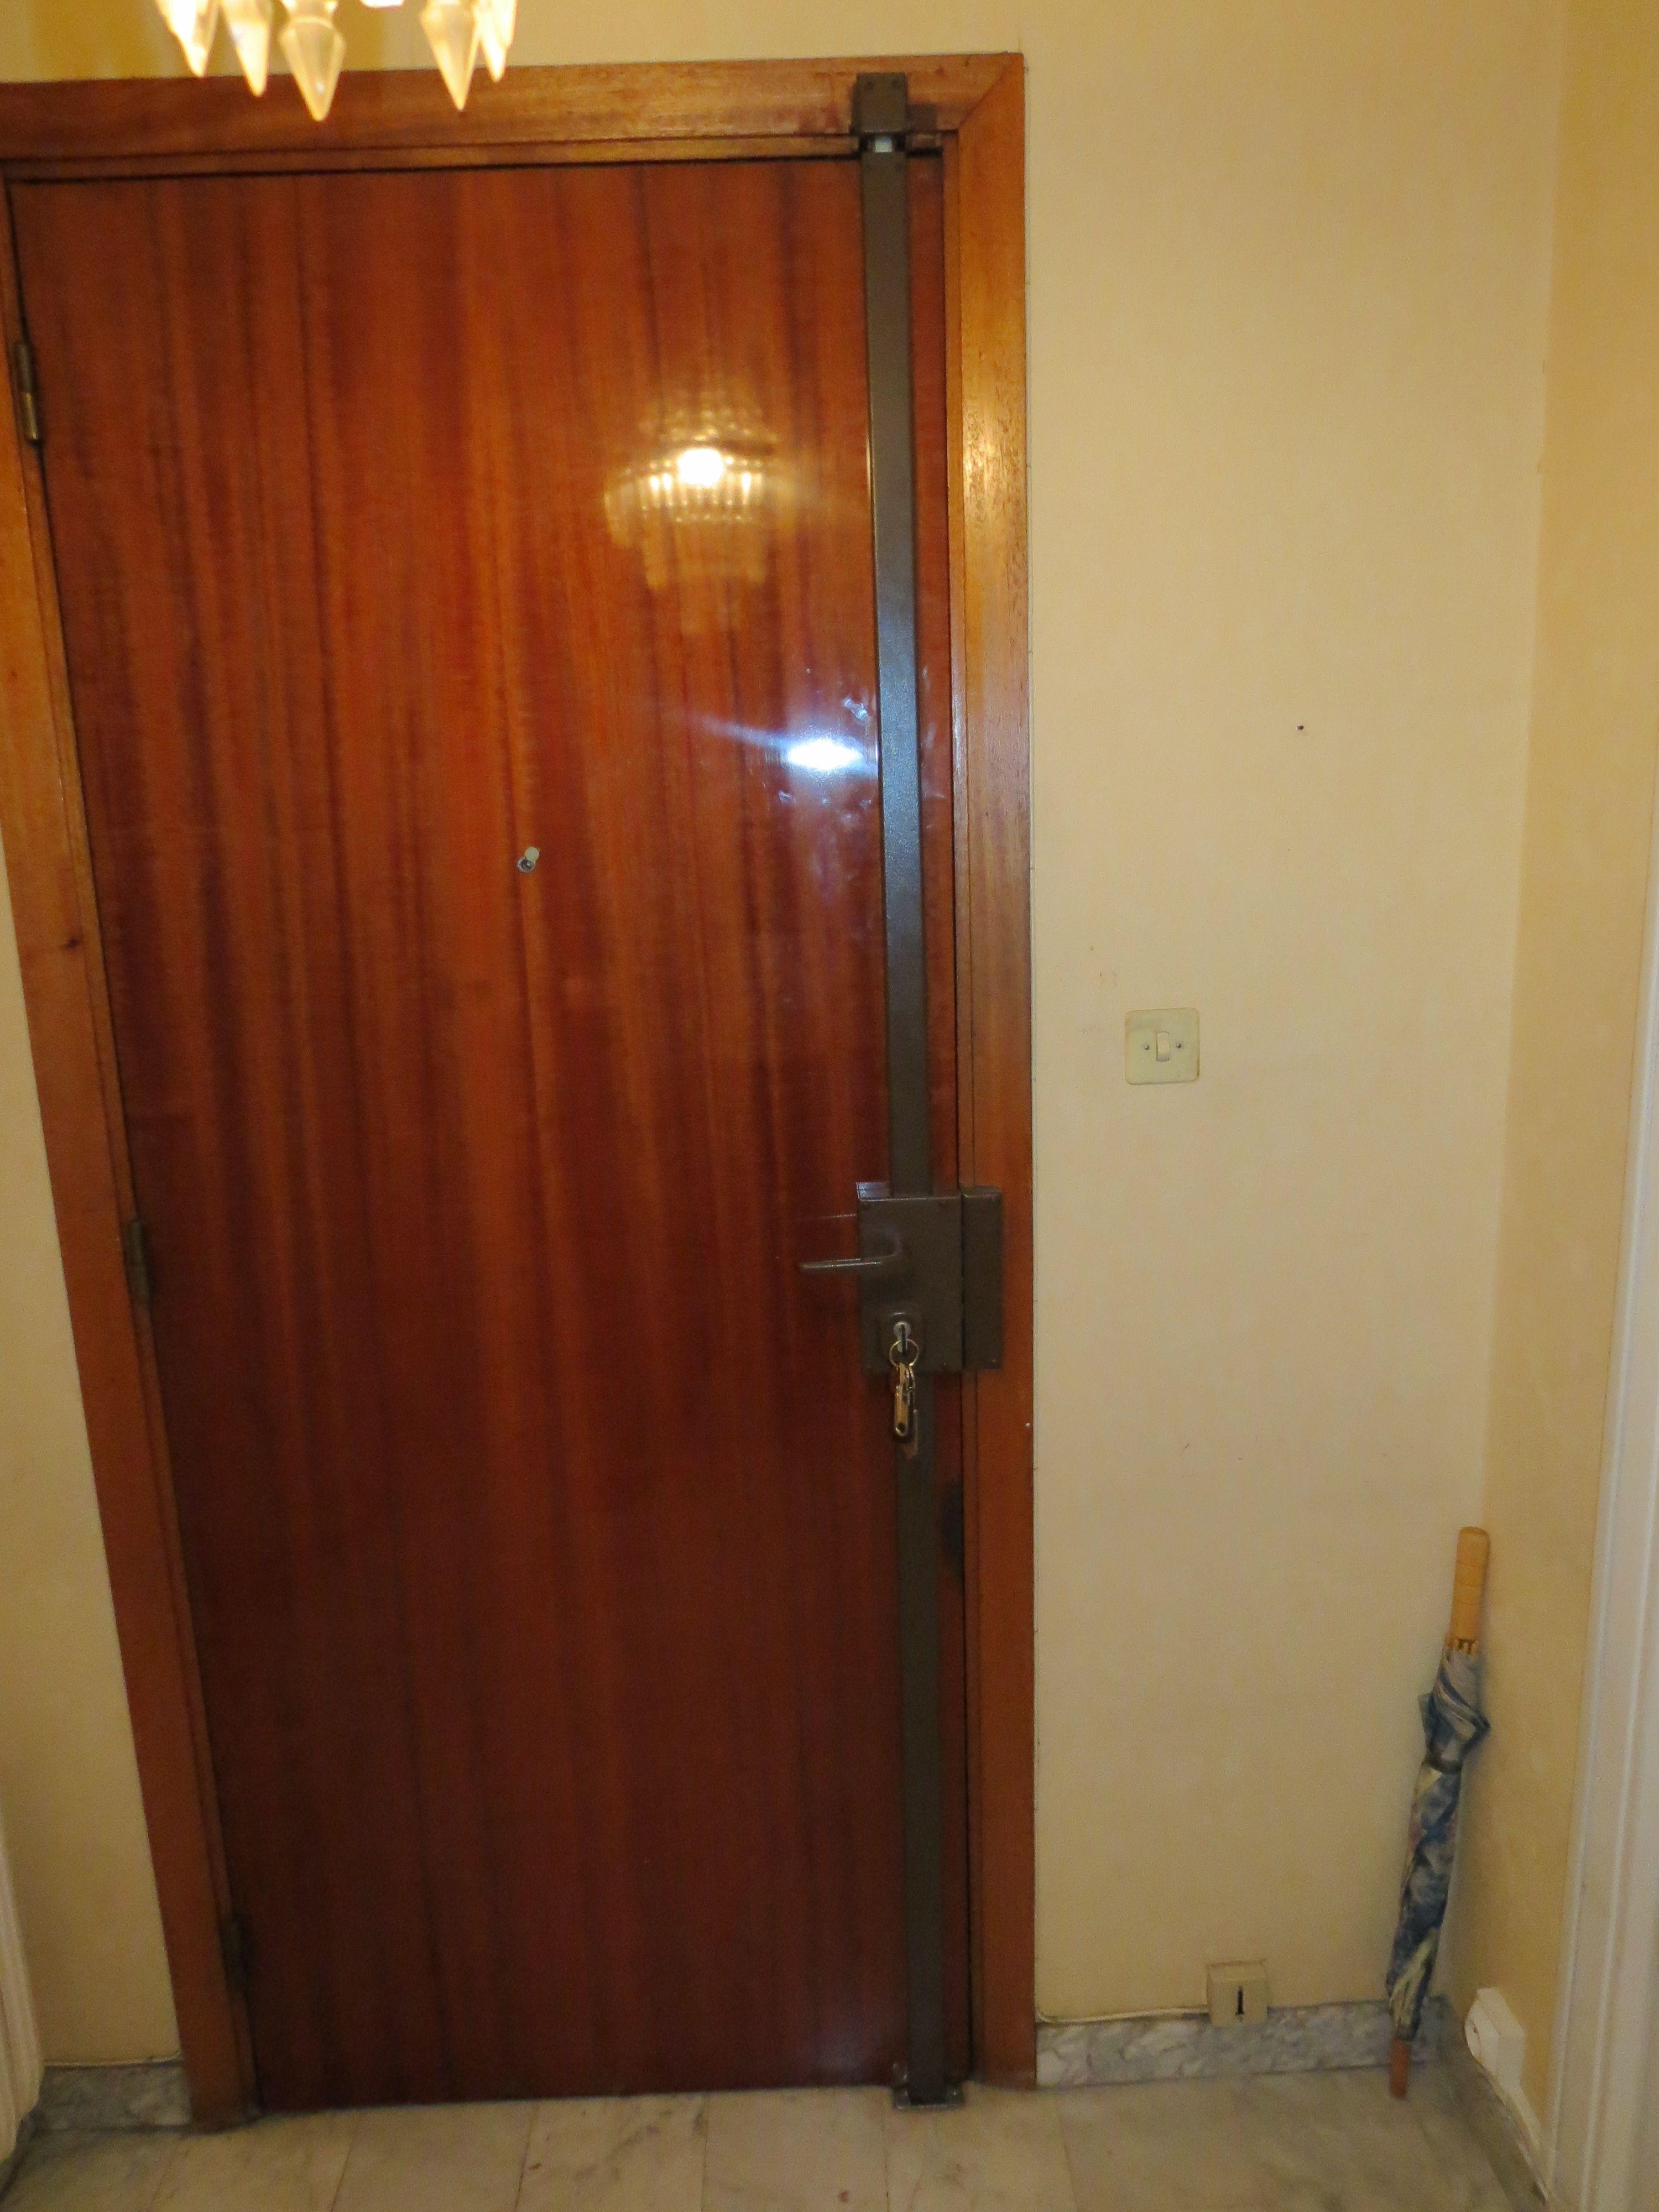 Security Bars For Front Door Window | http://franzdondi.com ...